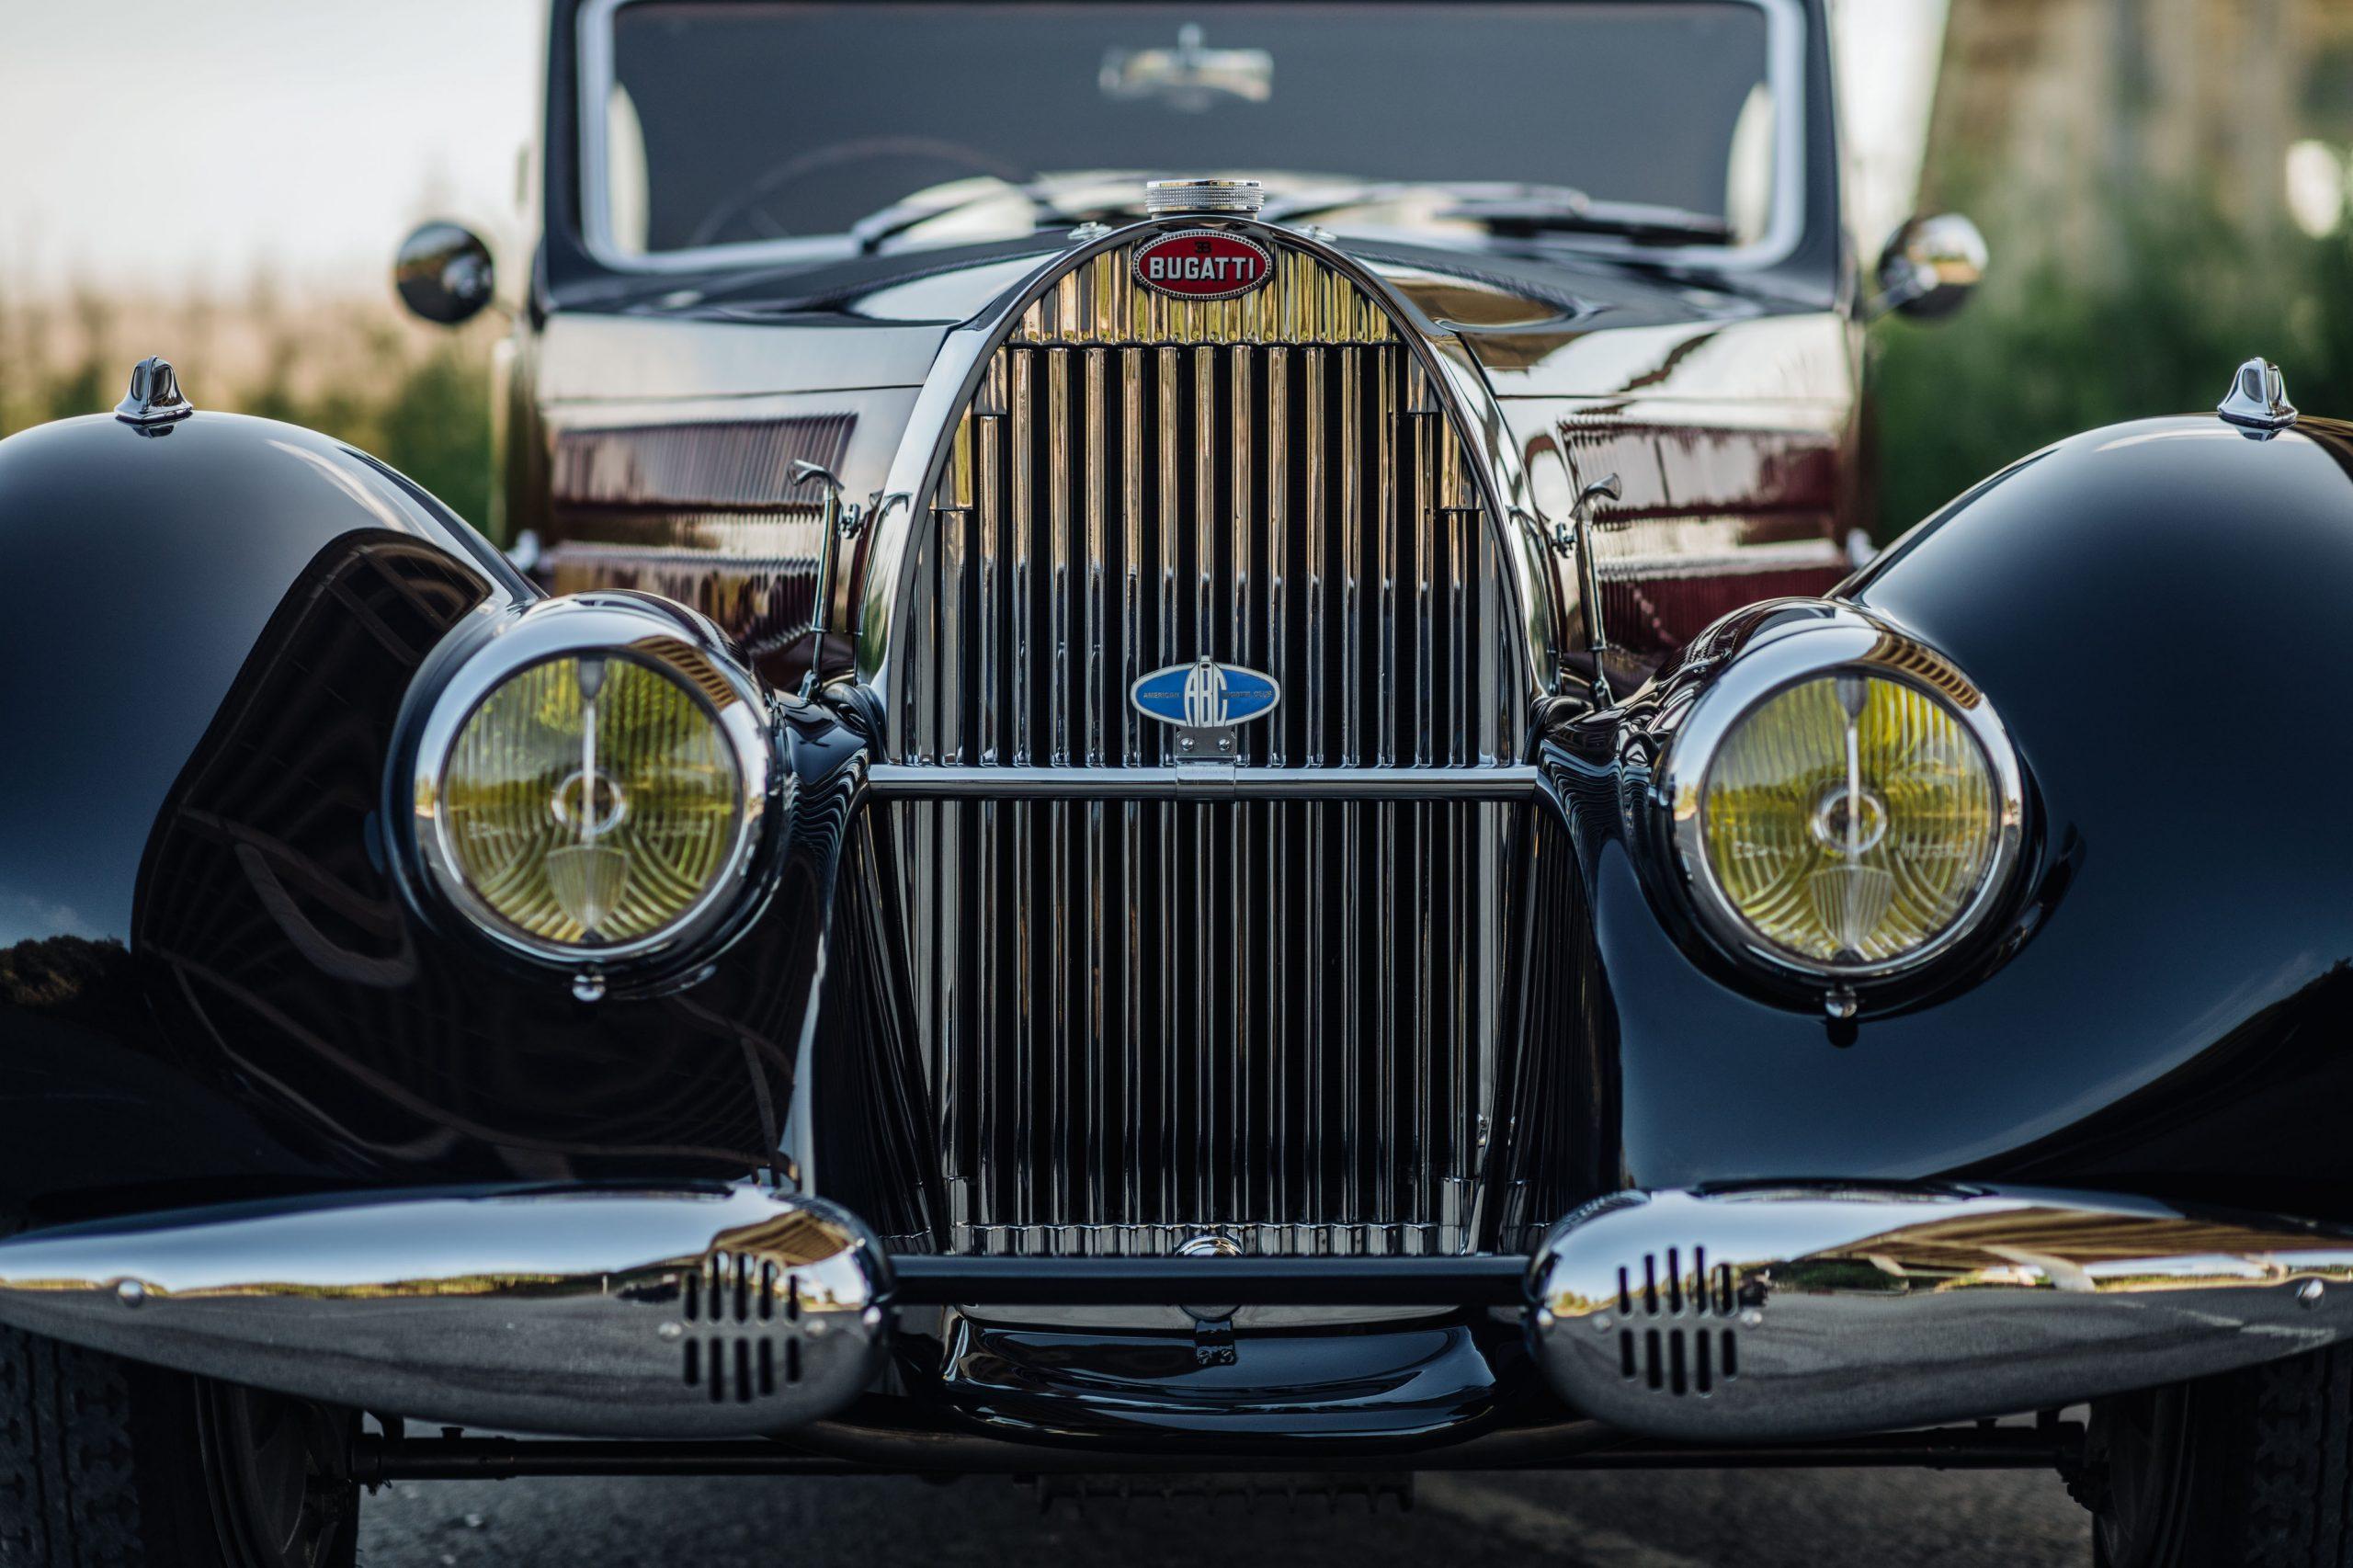 Bugatti 57C Ventoux front close